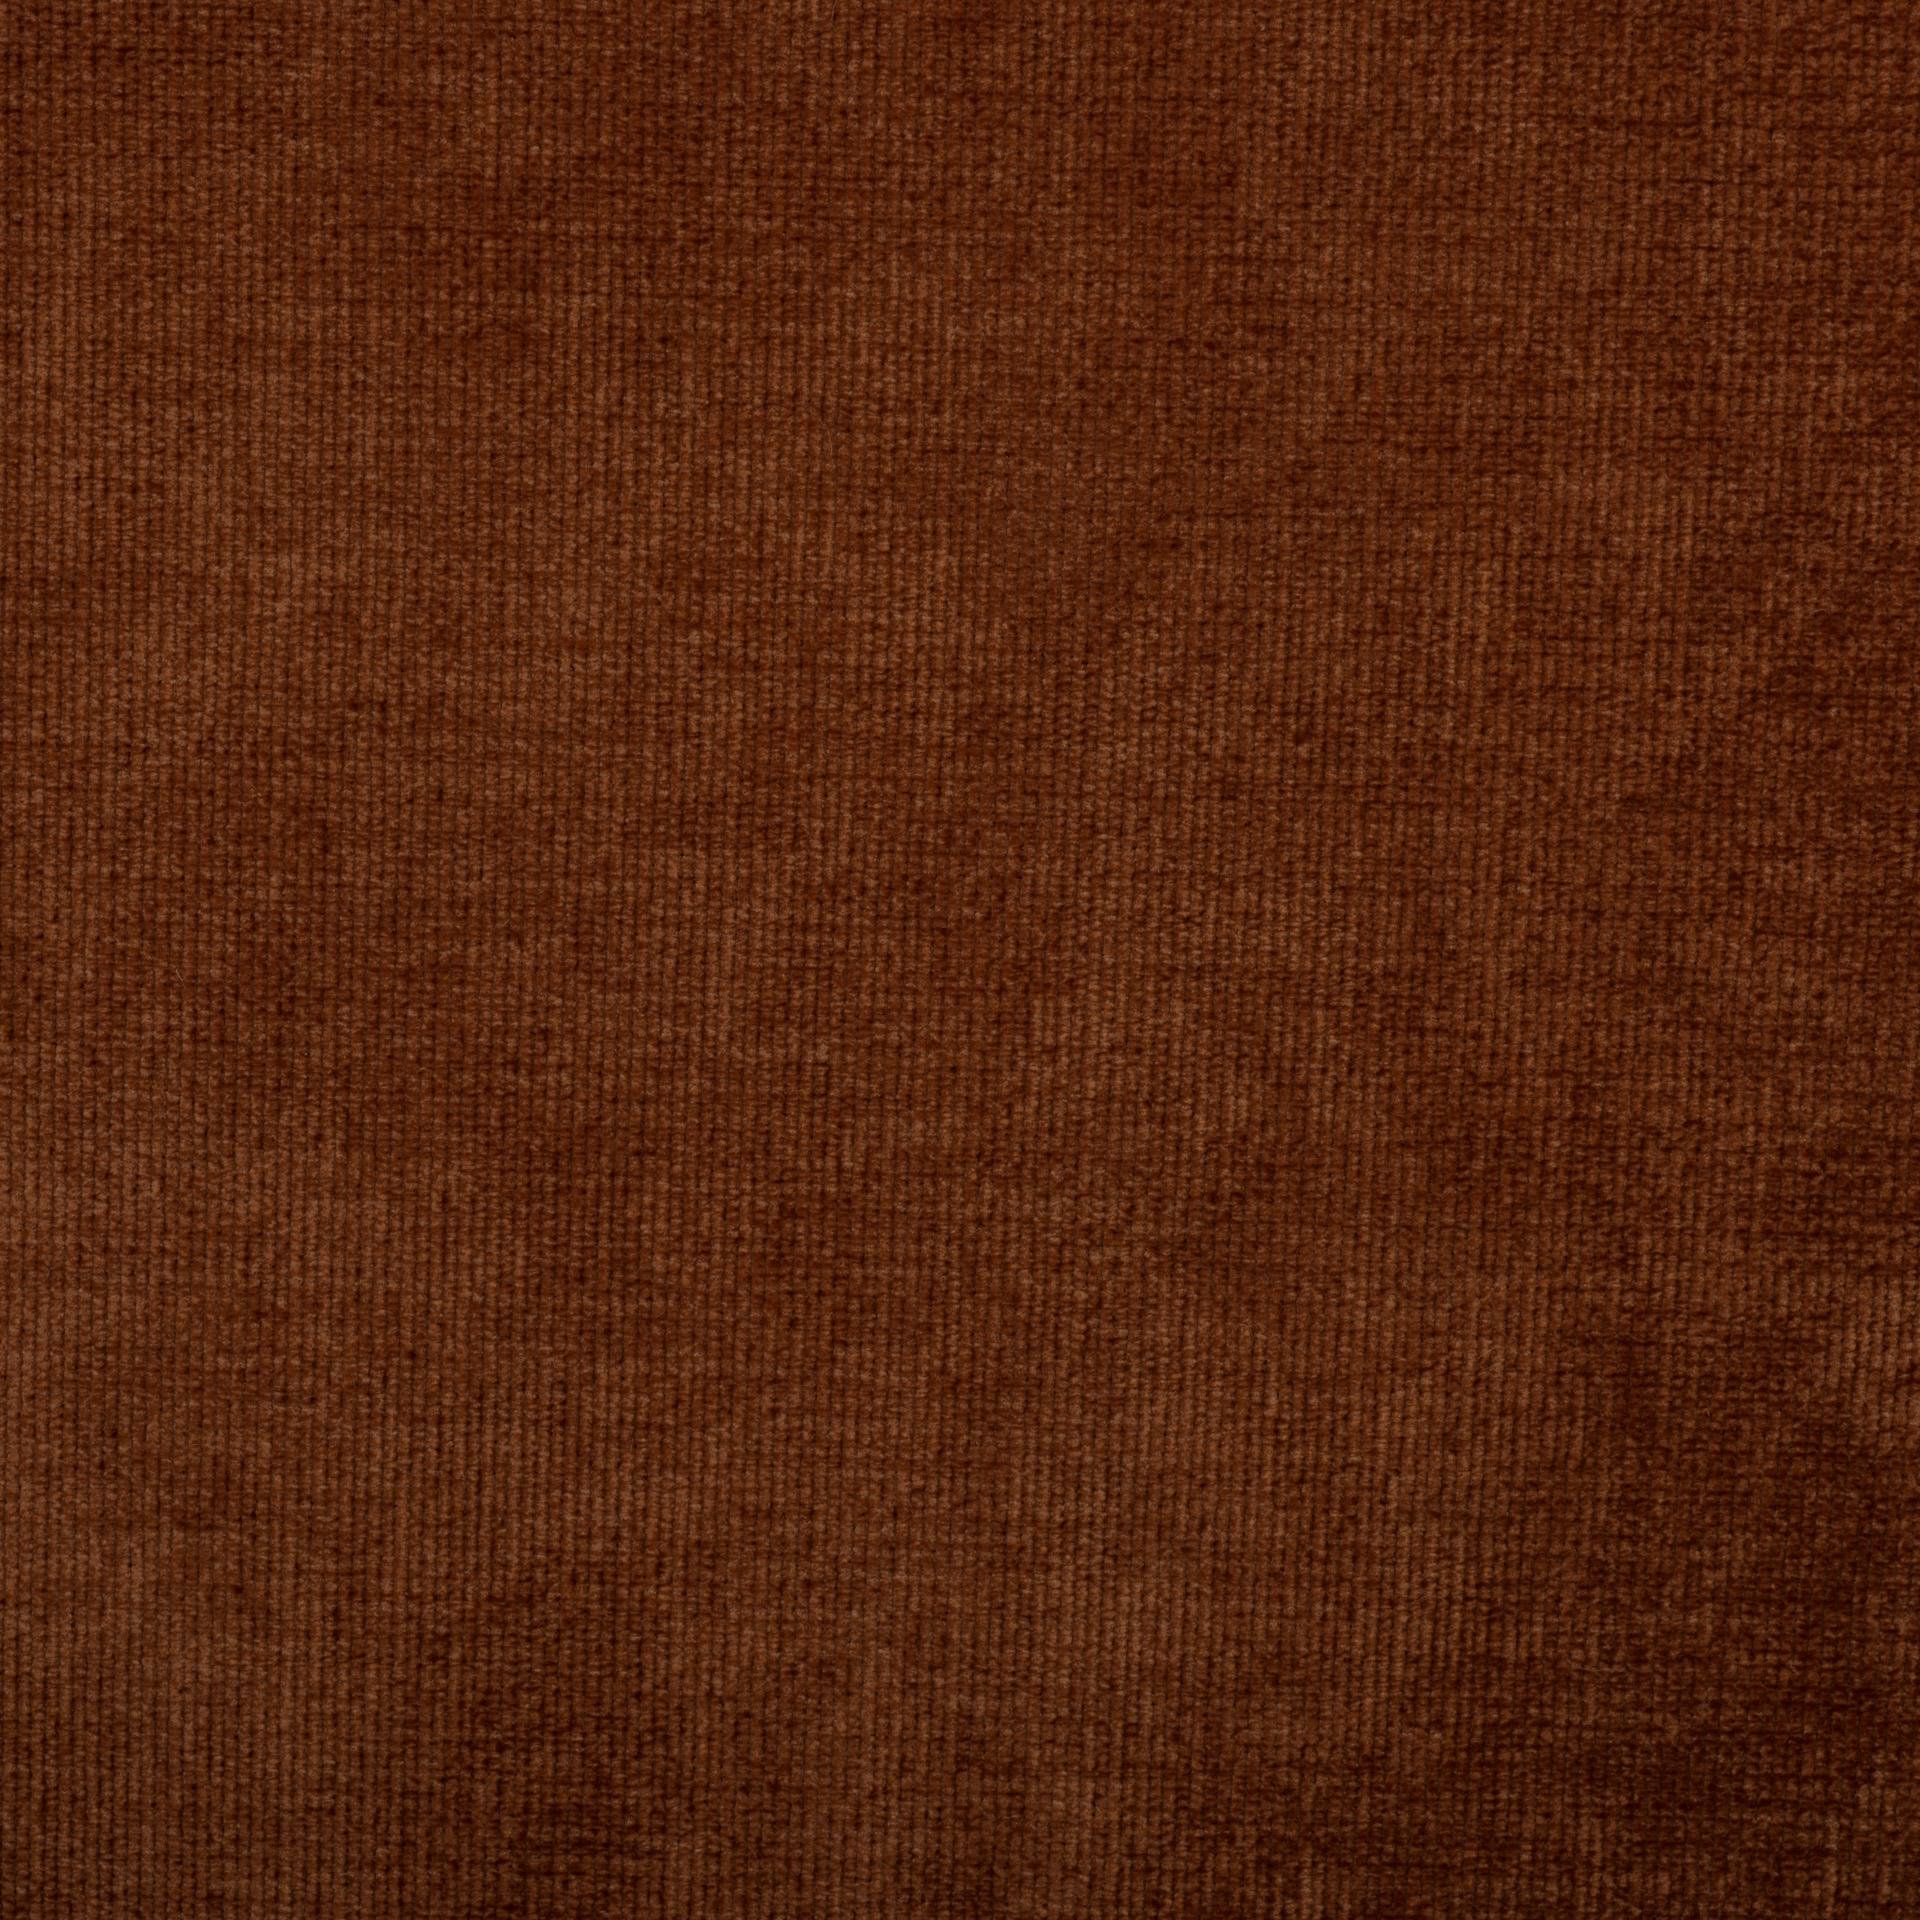 Коллекция ткани Кордрой 229,  купить ткань Велюр для мебели Украина